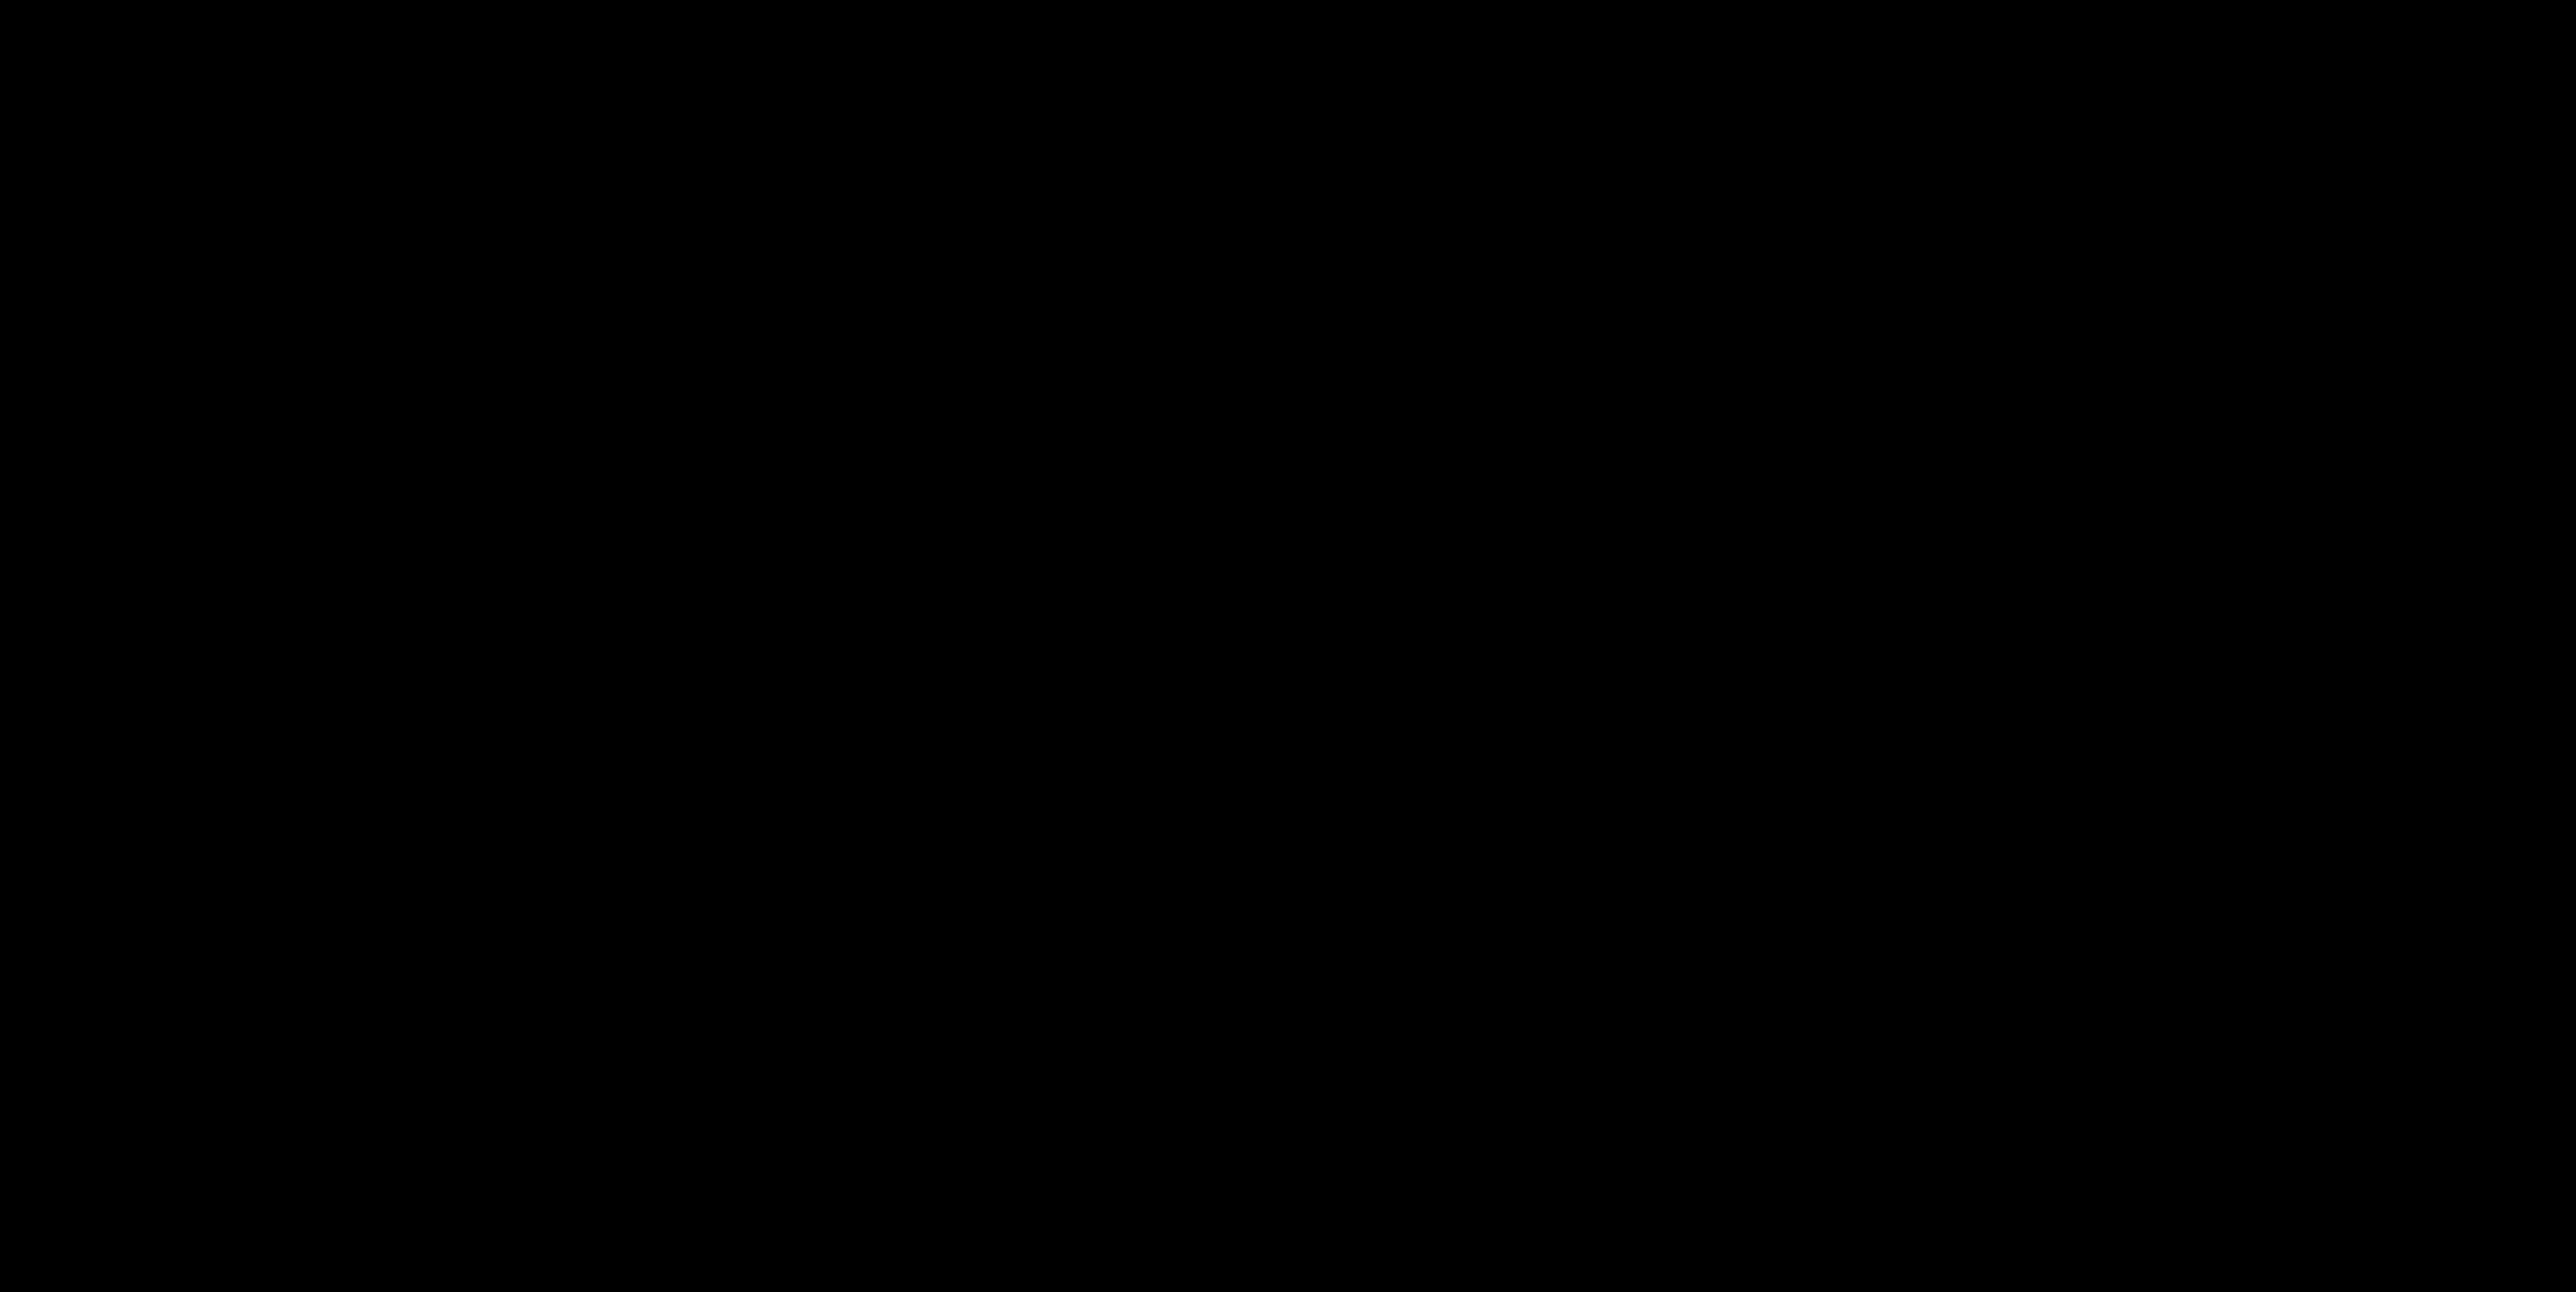 Hyazugak4njxjvb5c3m4